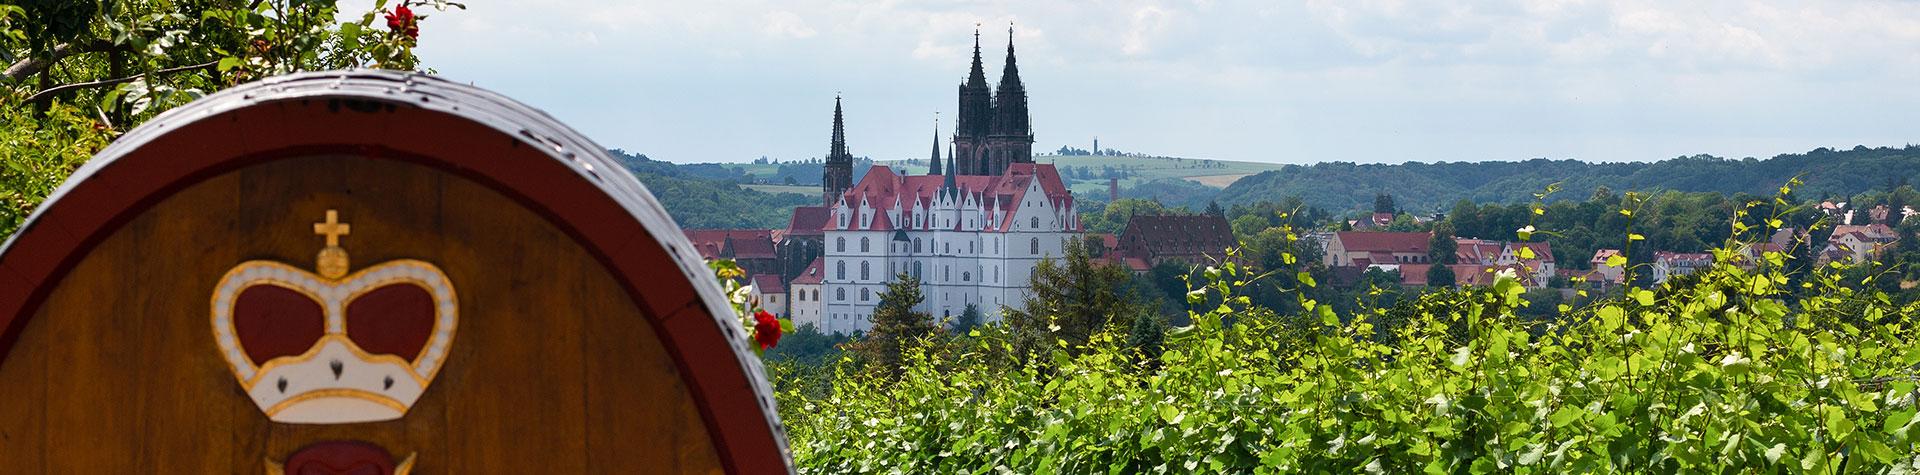 Schloss Proschwitz - Weinberg